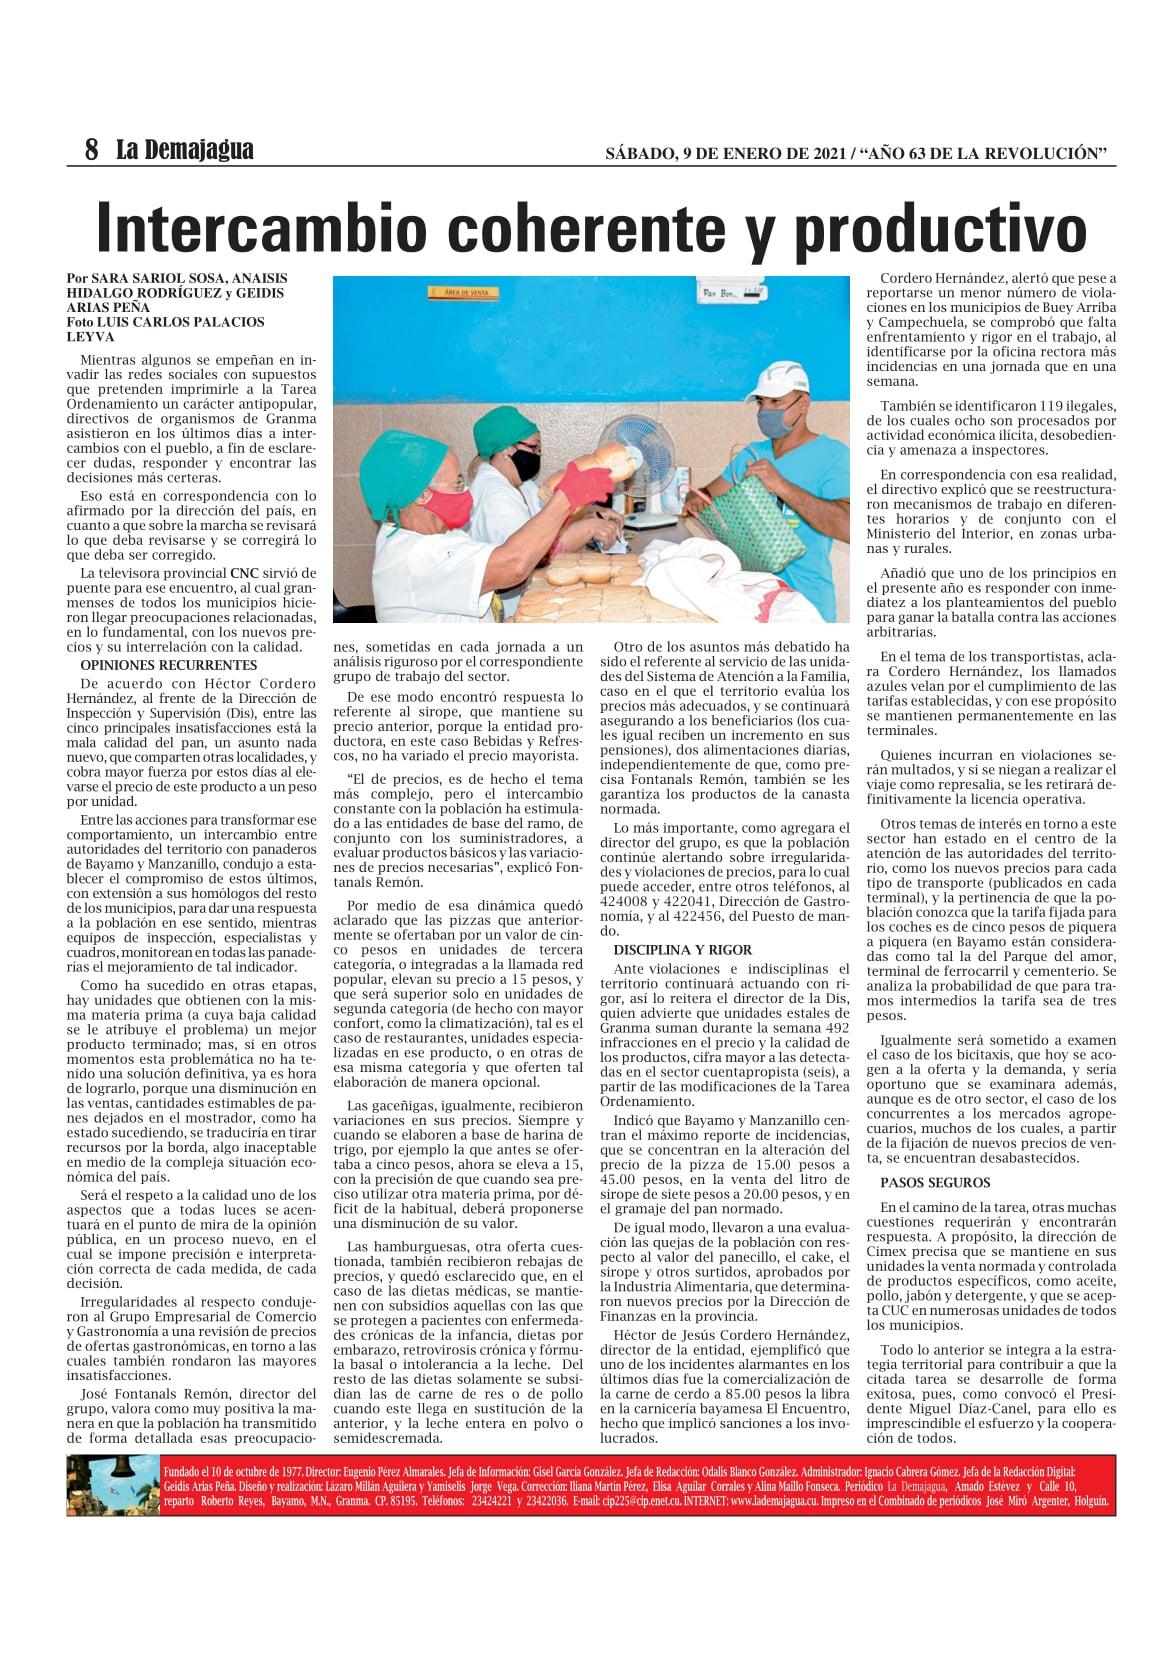 Edición impresa 1525 del semanario La Demajagua, sábado 9 de enero de 2021